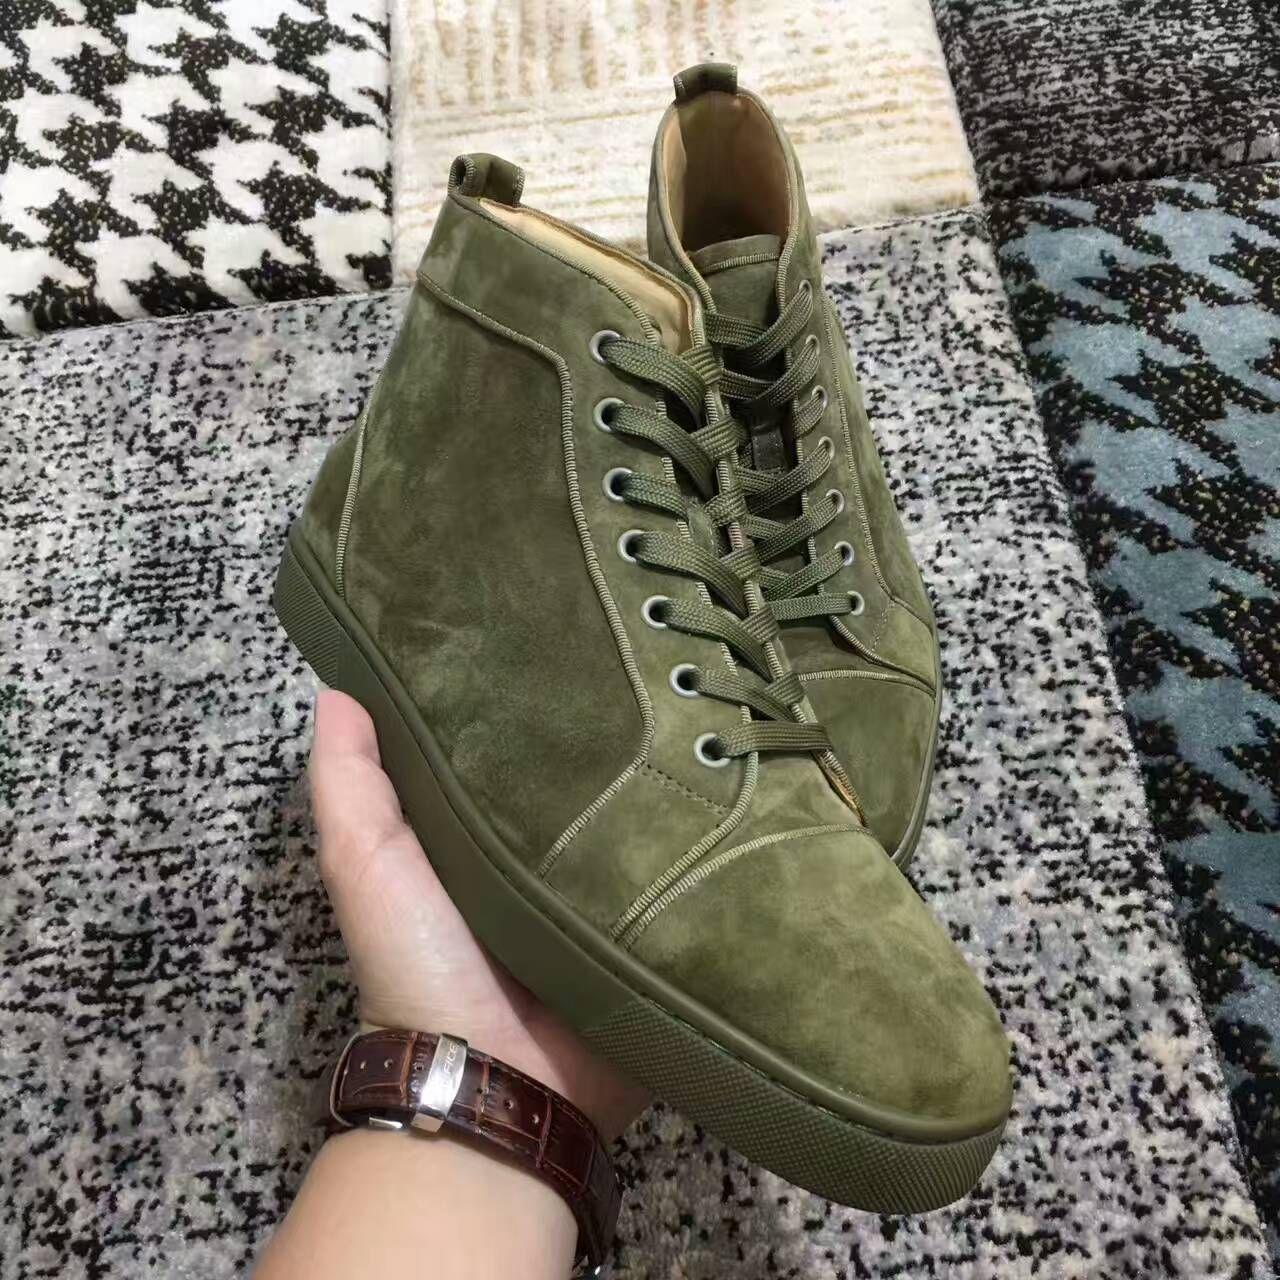 2019 Christian Louboutin Yeni erkek womens yüksek üst yeşil süet kırmızı alt rahat ayakkabılar, moda beyefendi tasarımcı dantel-up sneakers boyutu 36-46